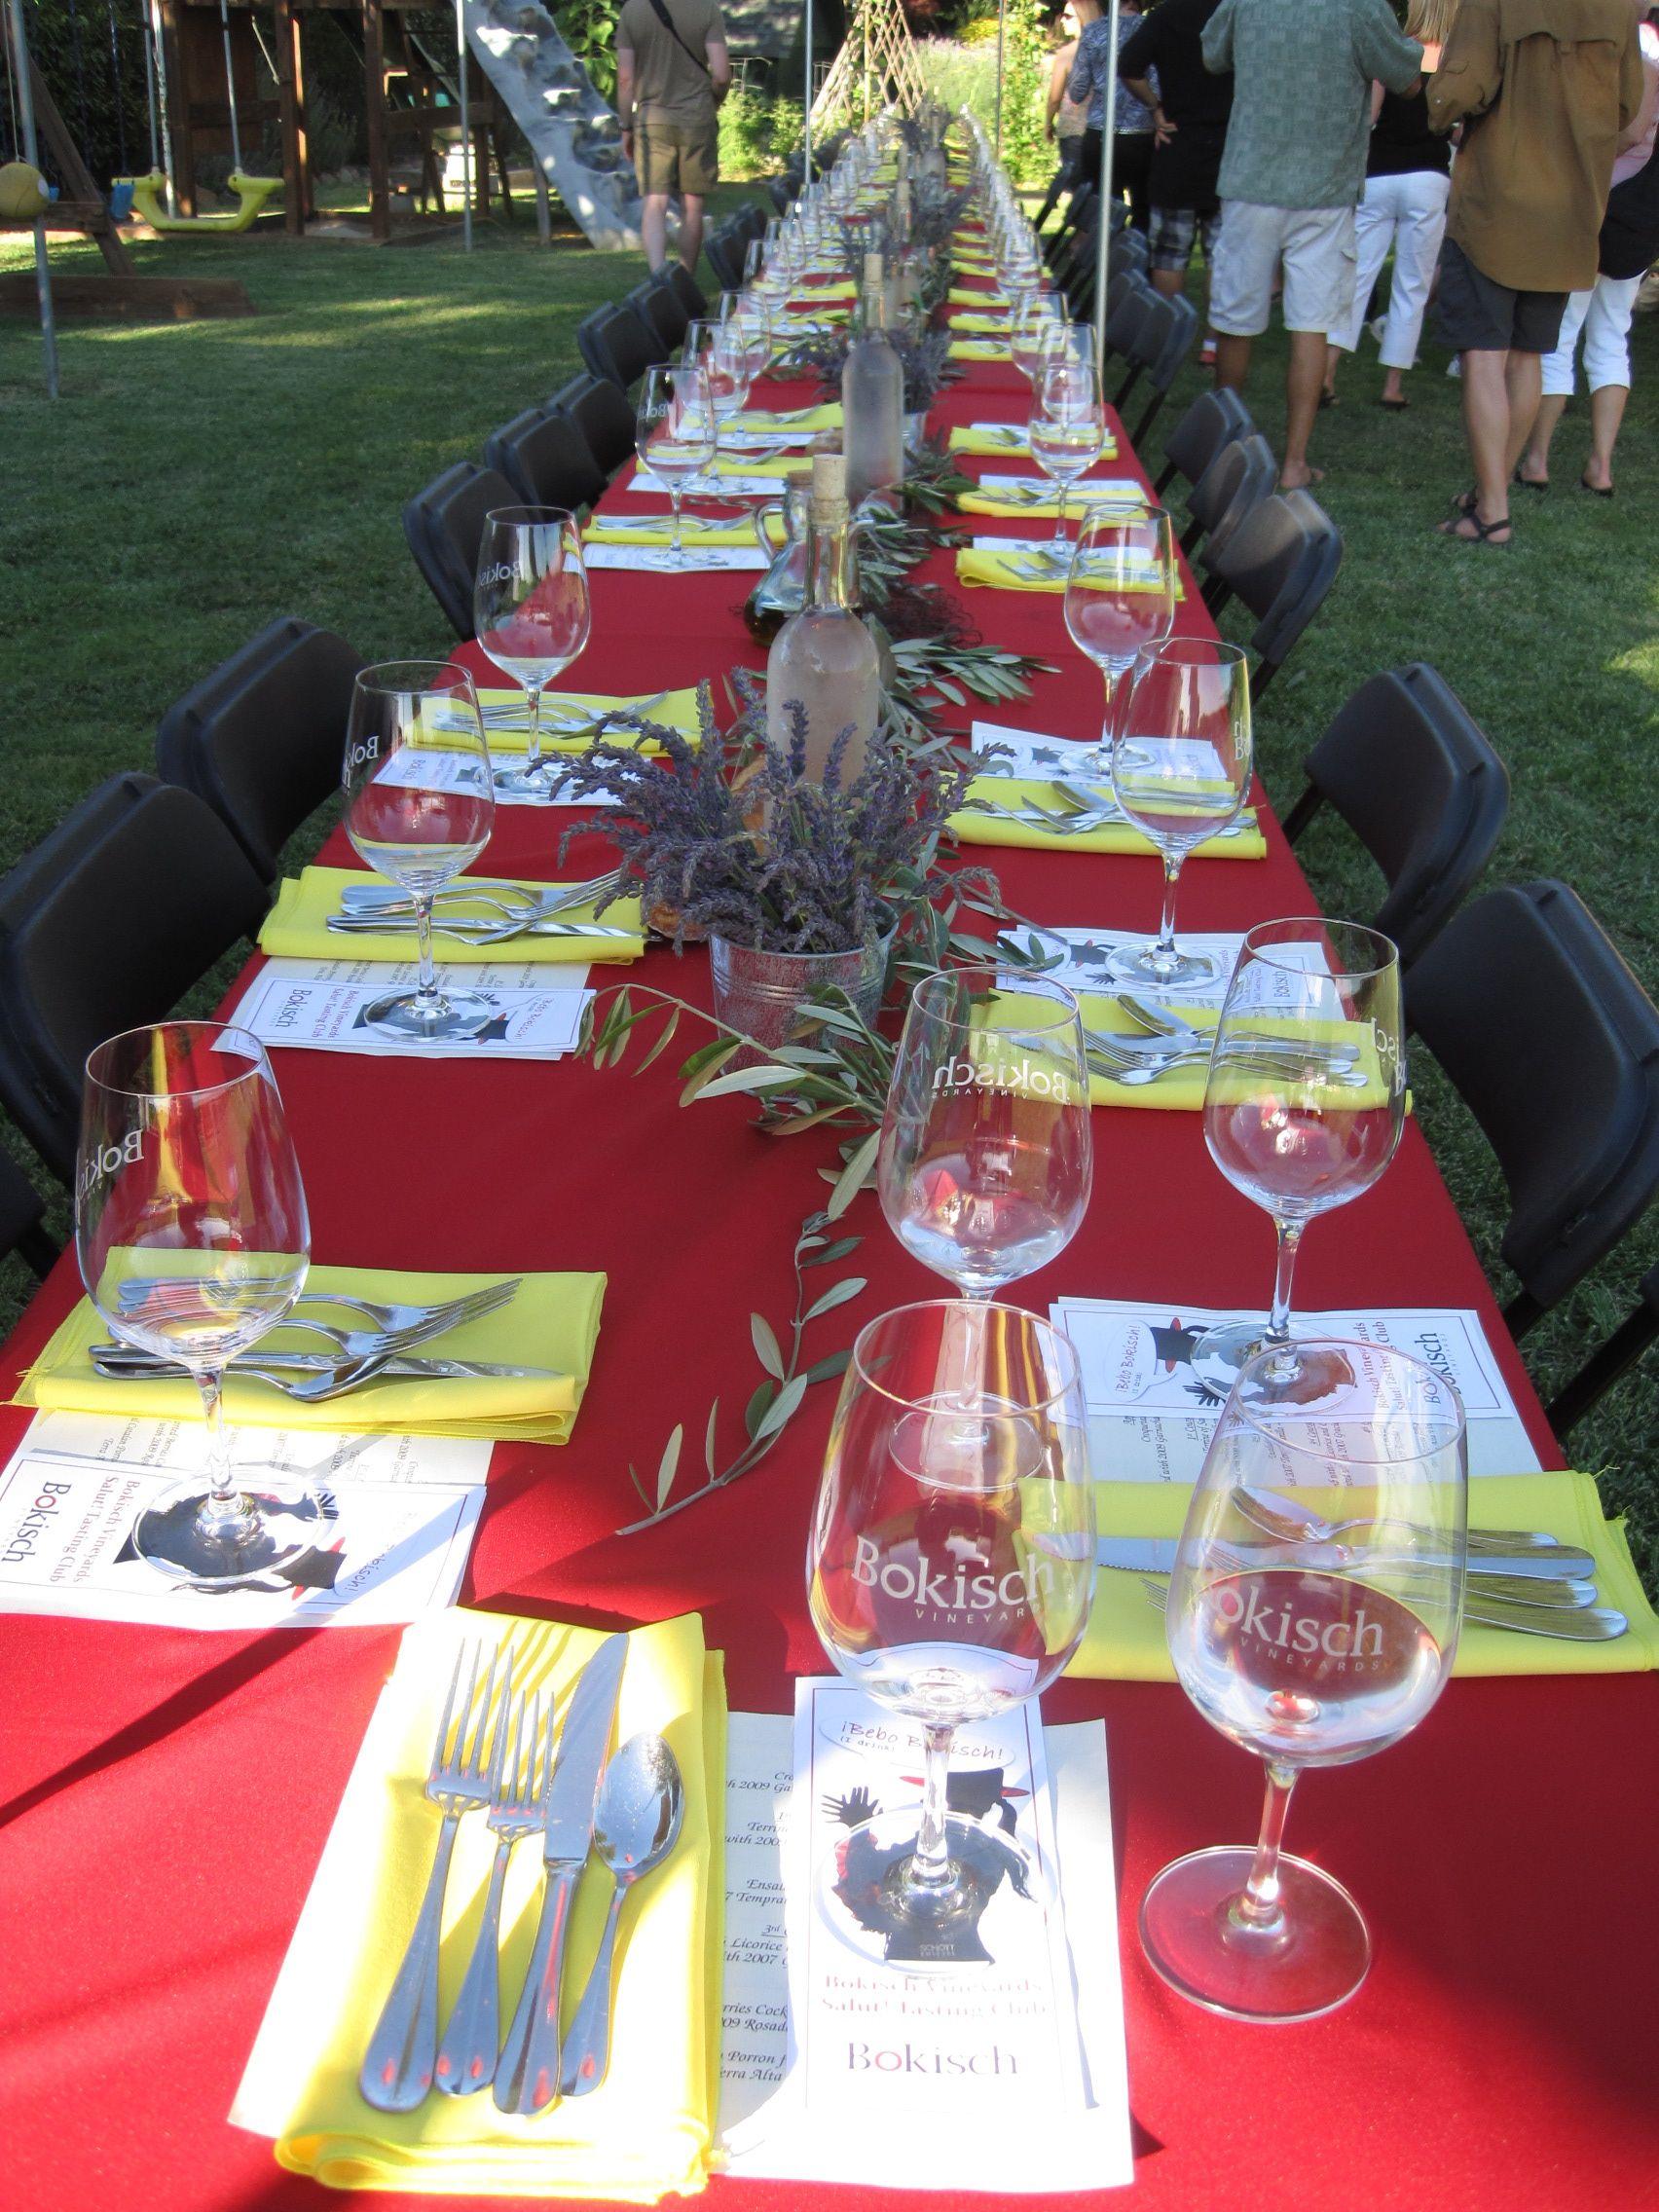 Dinner in the vineyards at Bokisch Vineyards